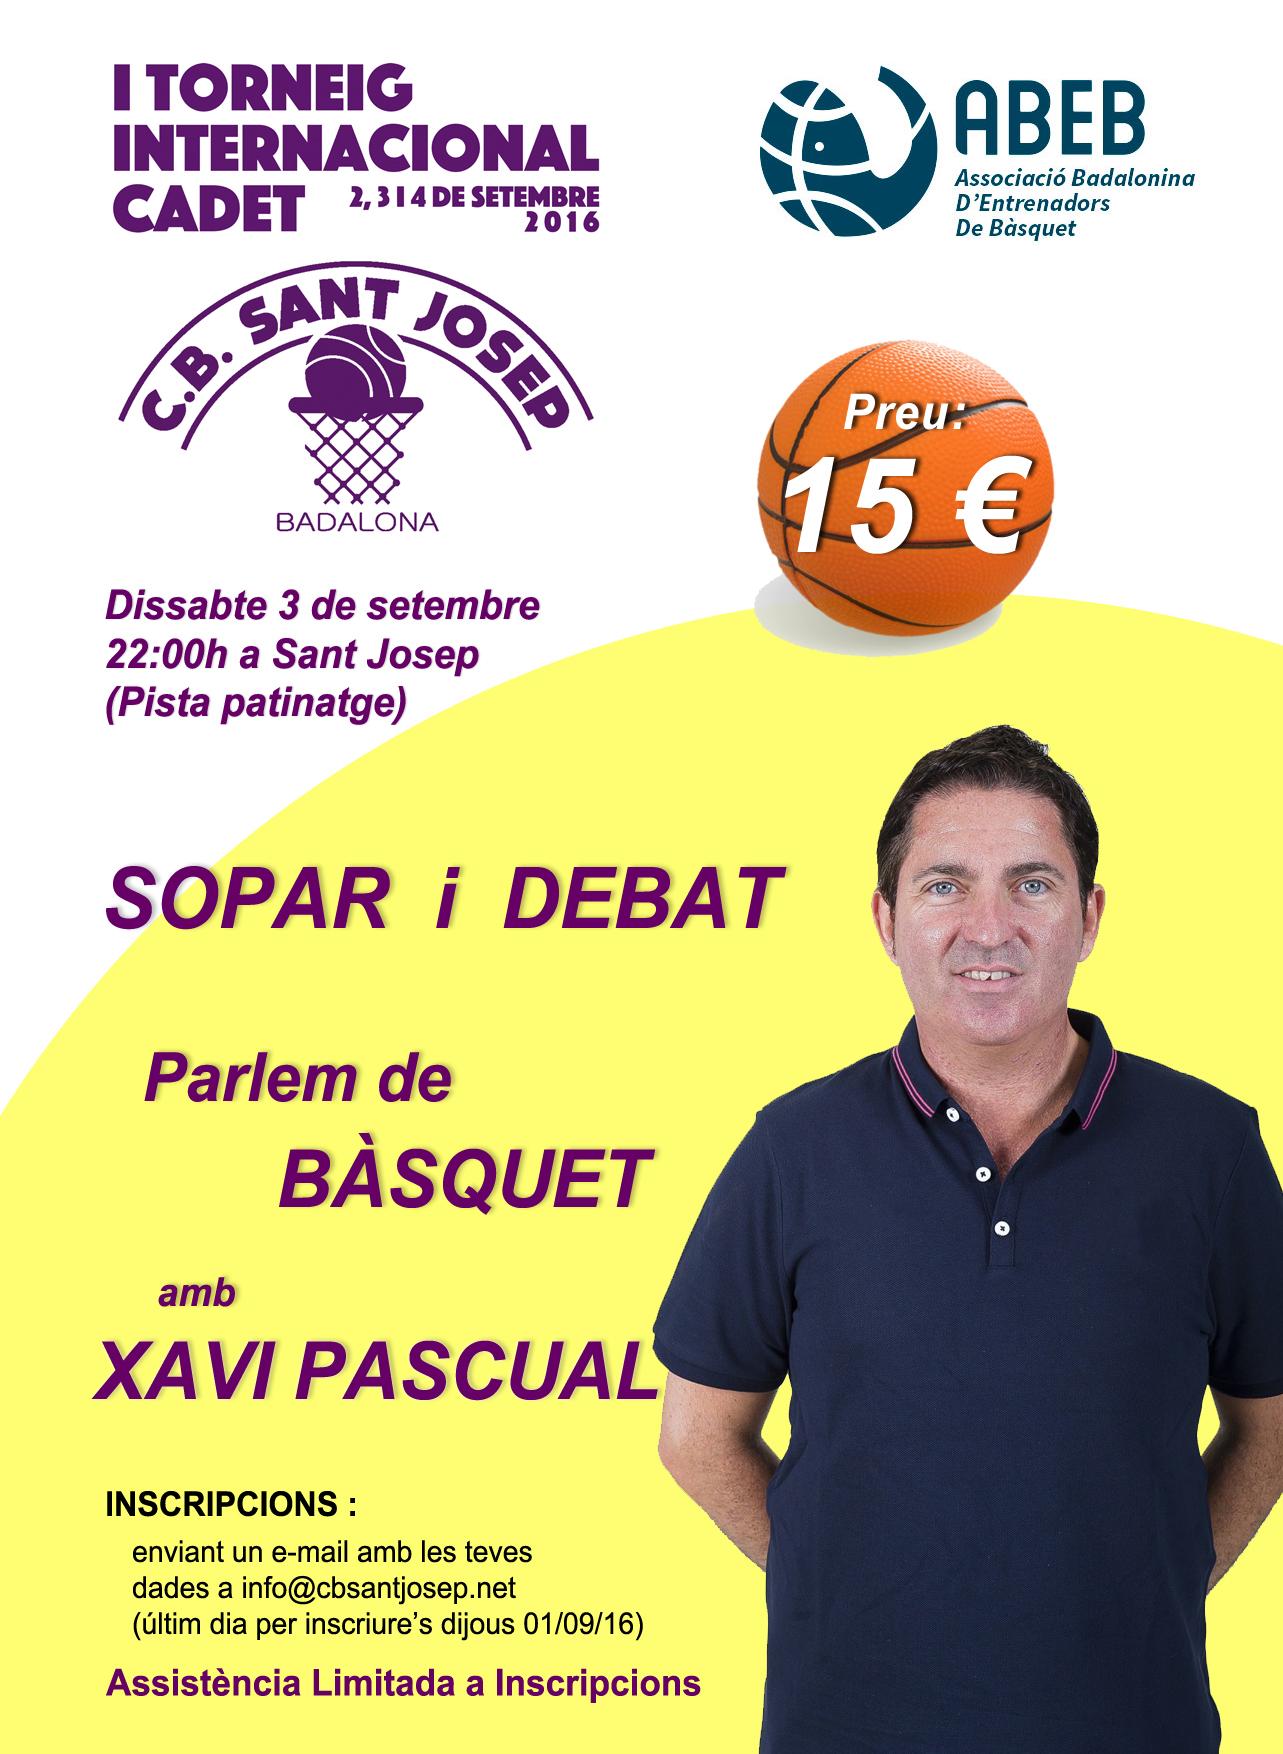 Parlem de Bàsquet – sopar i debat amb Xavi Pascual